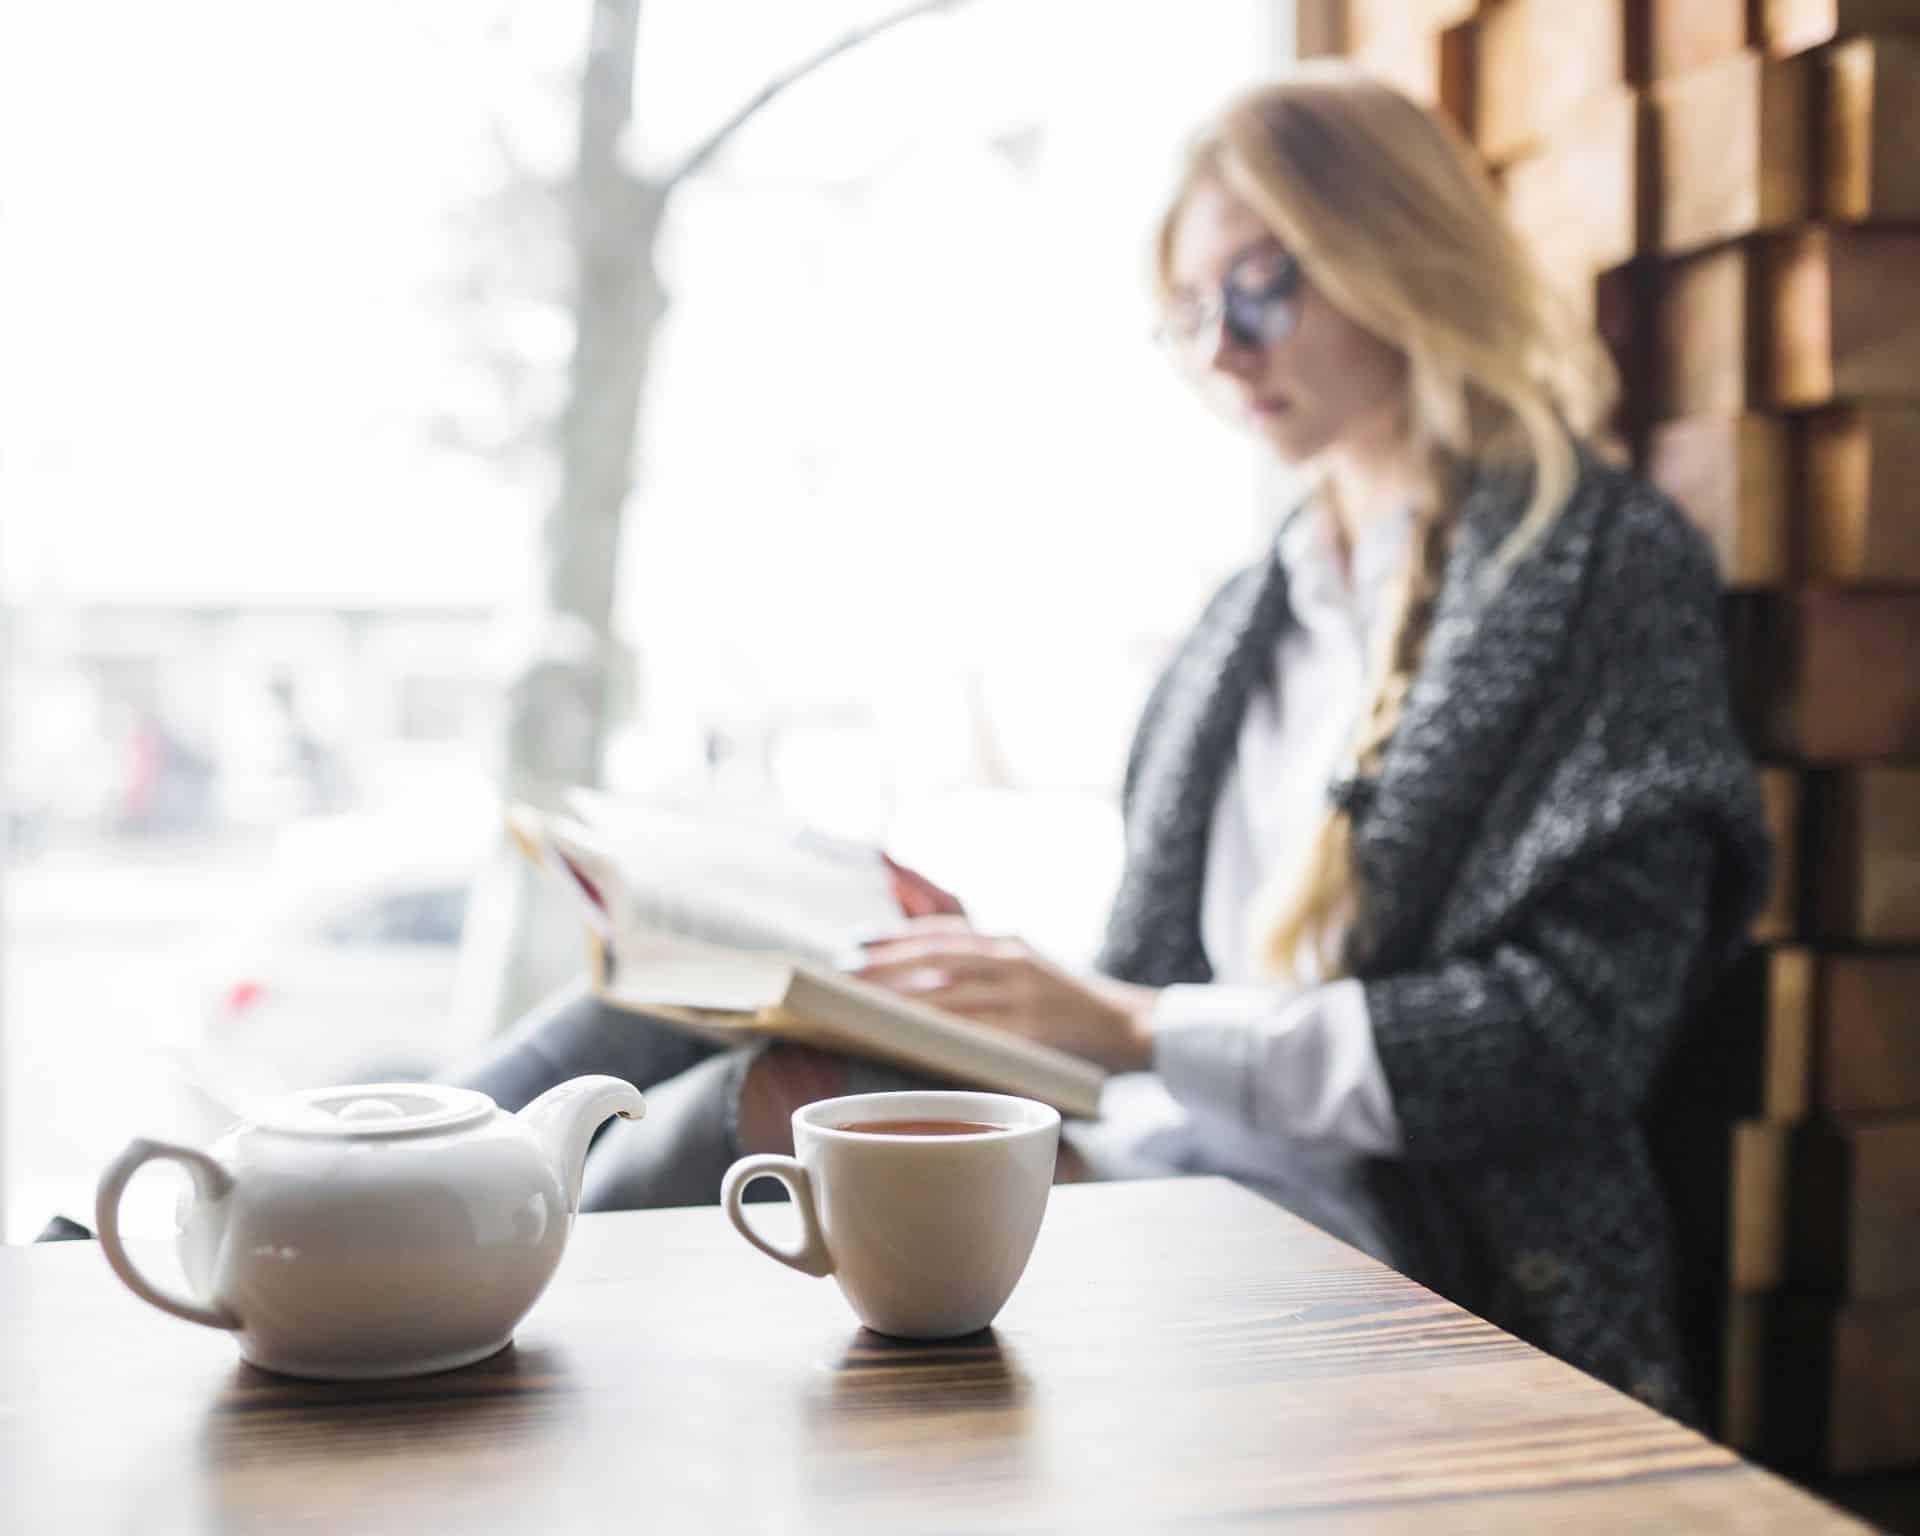 tea hatása a tanulásra